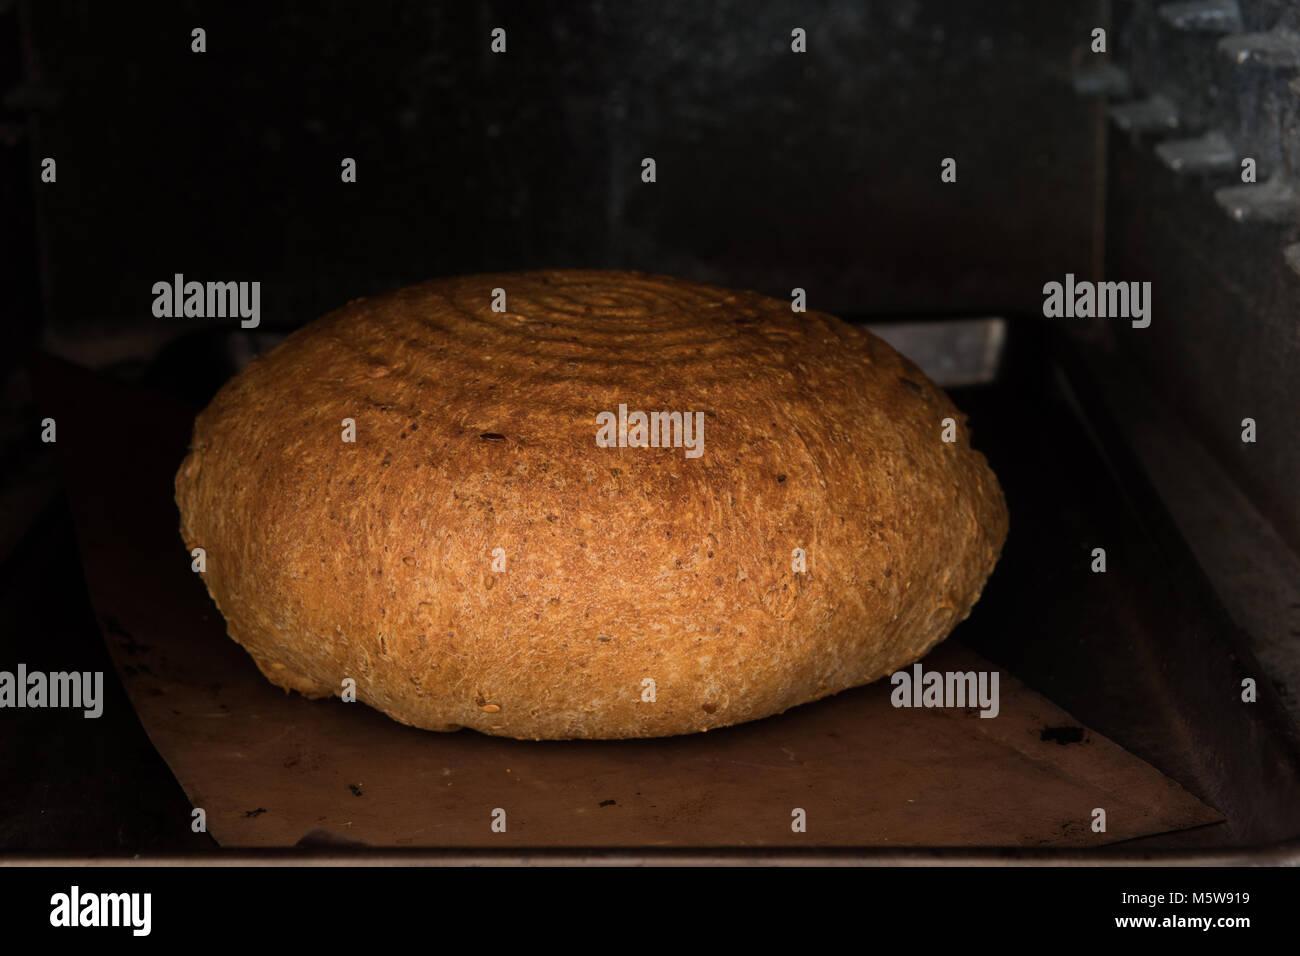 homemade handmade bread baking in oven - Stock Image